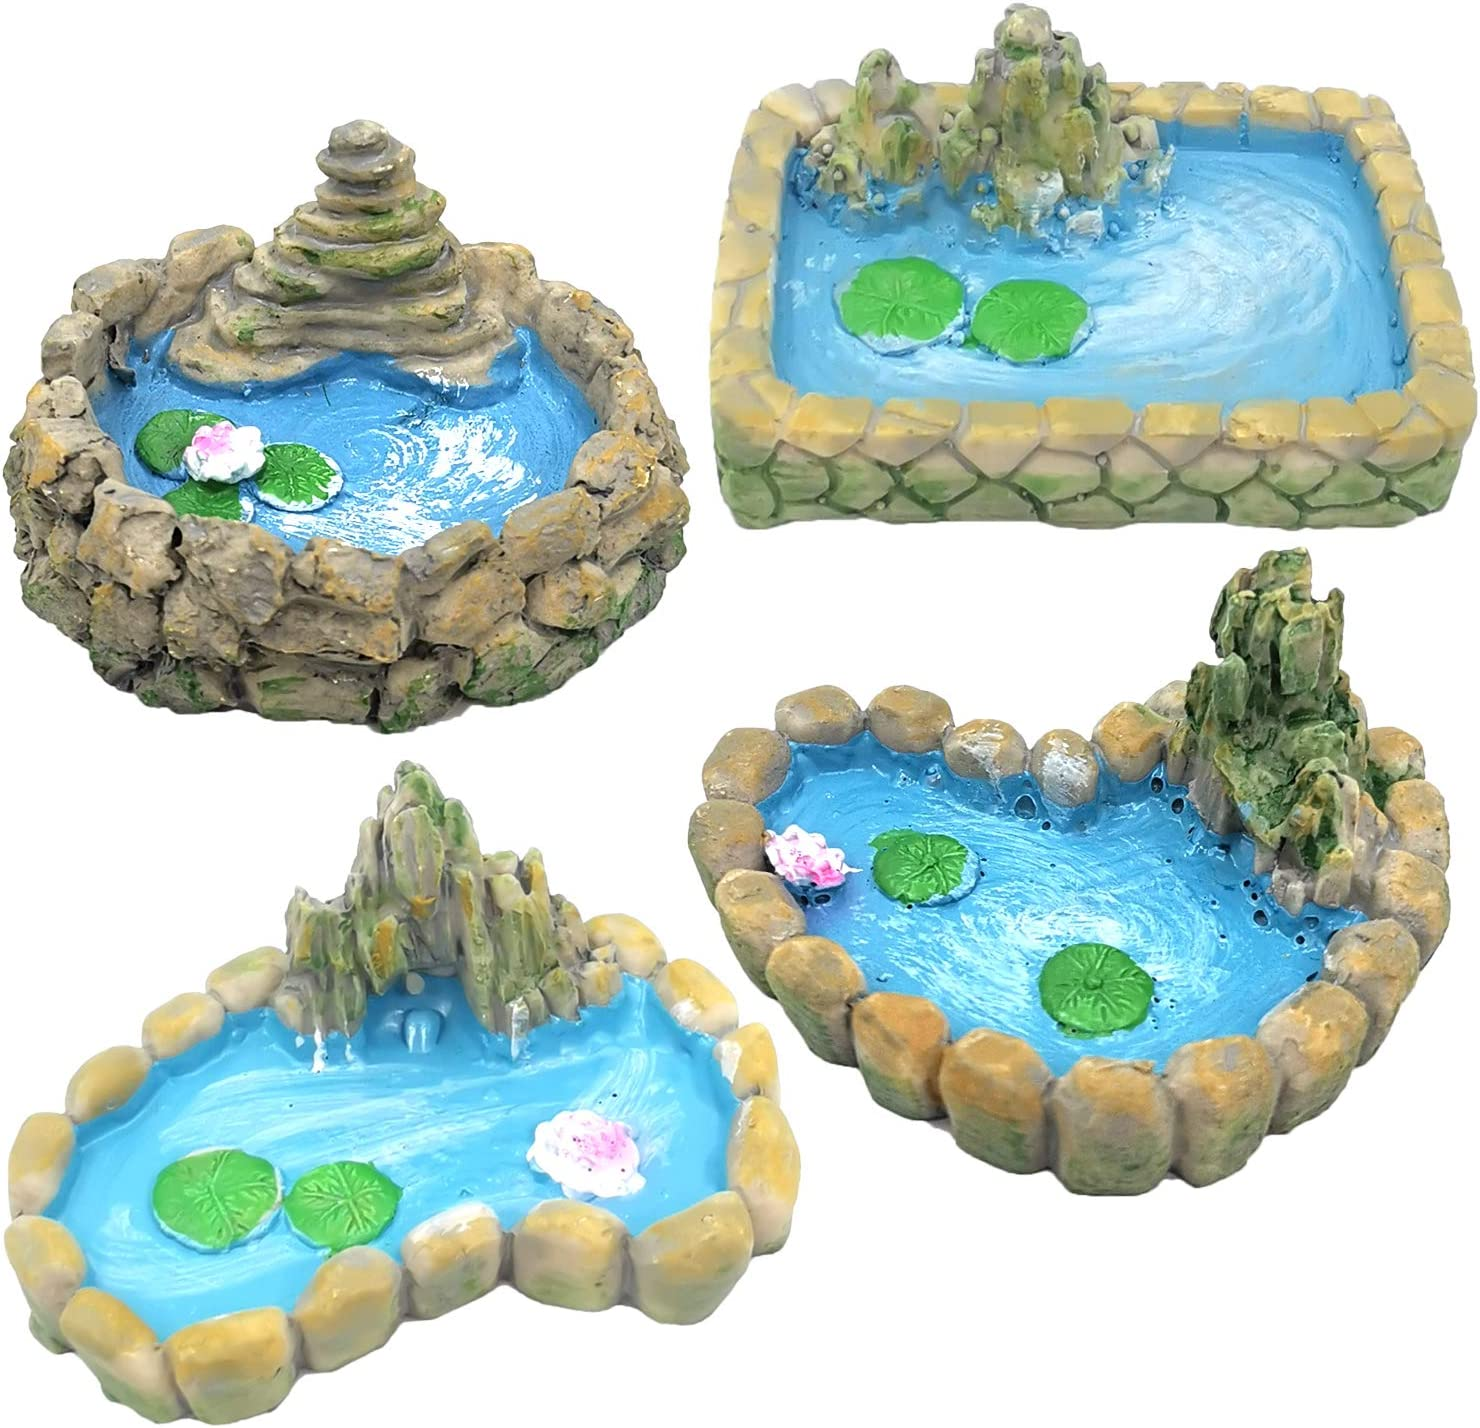 Trasfit 4 Pieces Fairy Garden Miniature Pond Ornaments Accessories for Miniature Garden Accessories, Home Micro Landscape Decoration